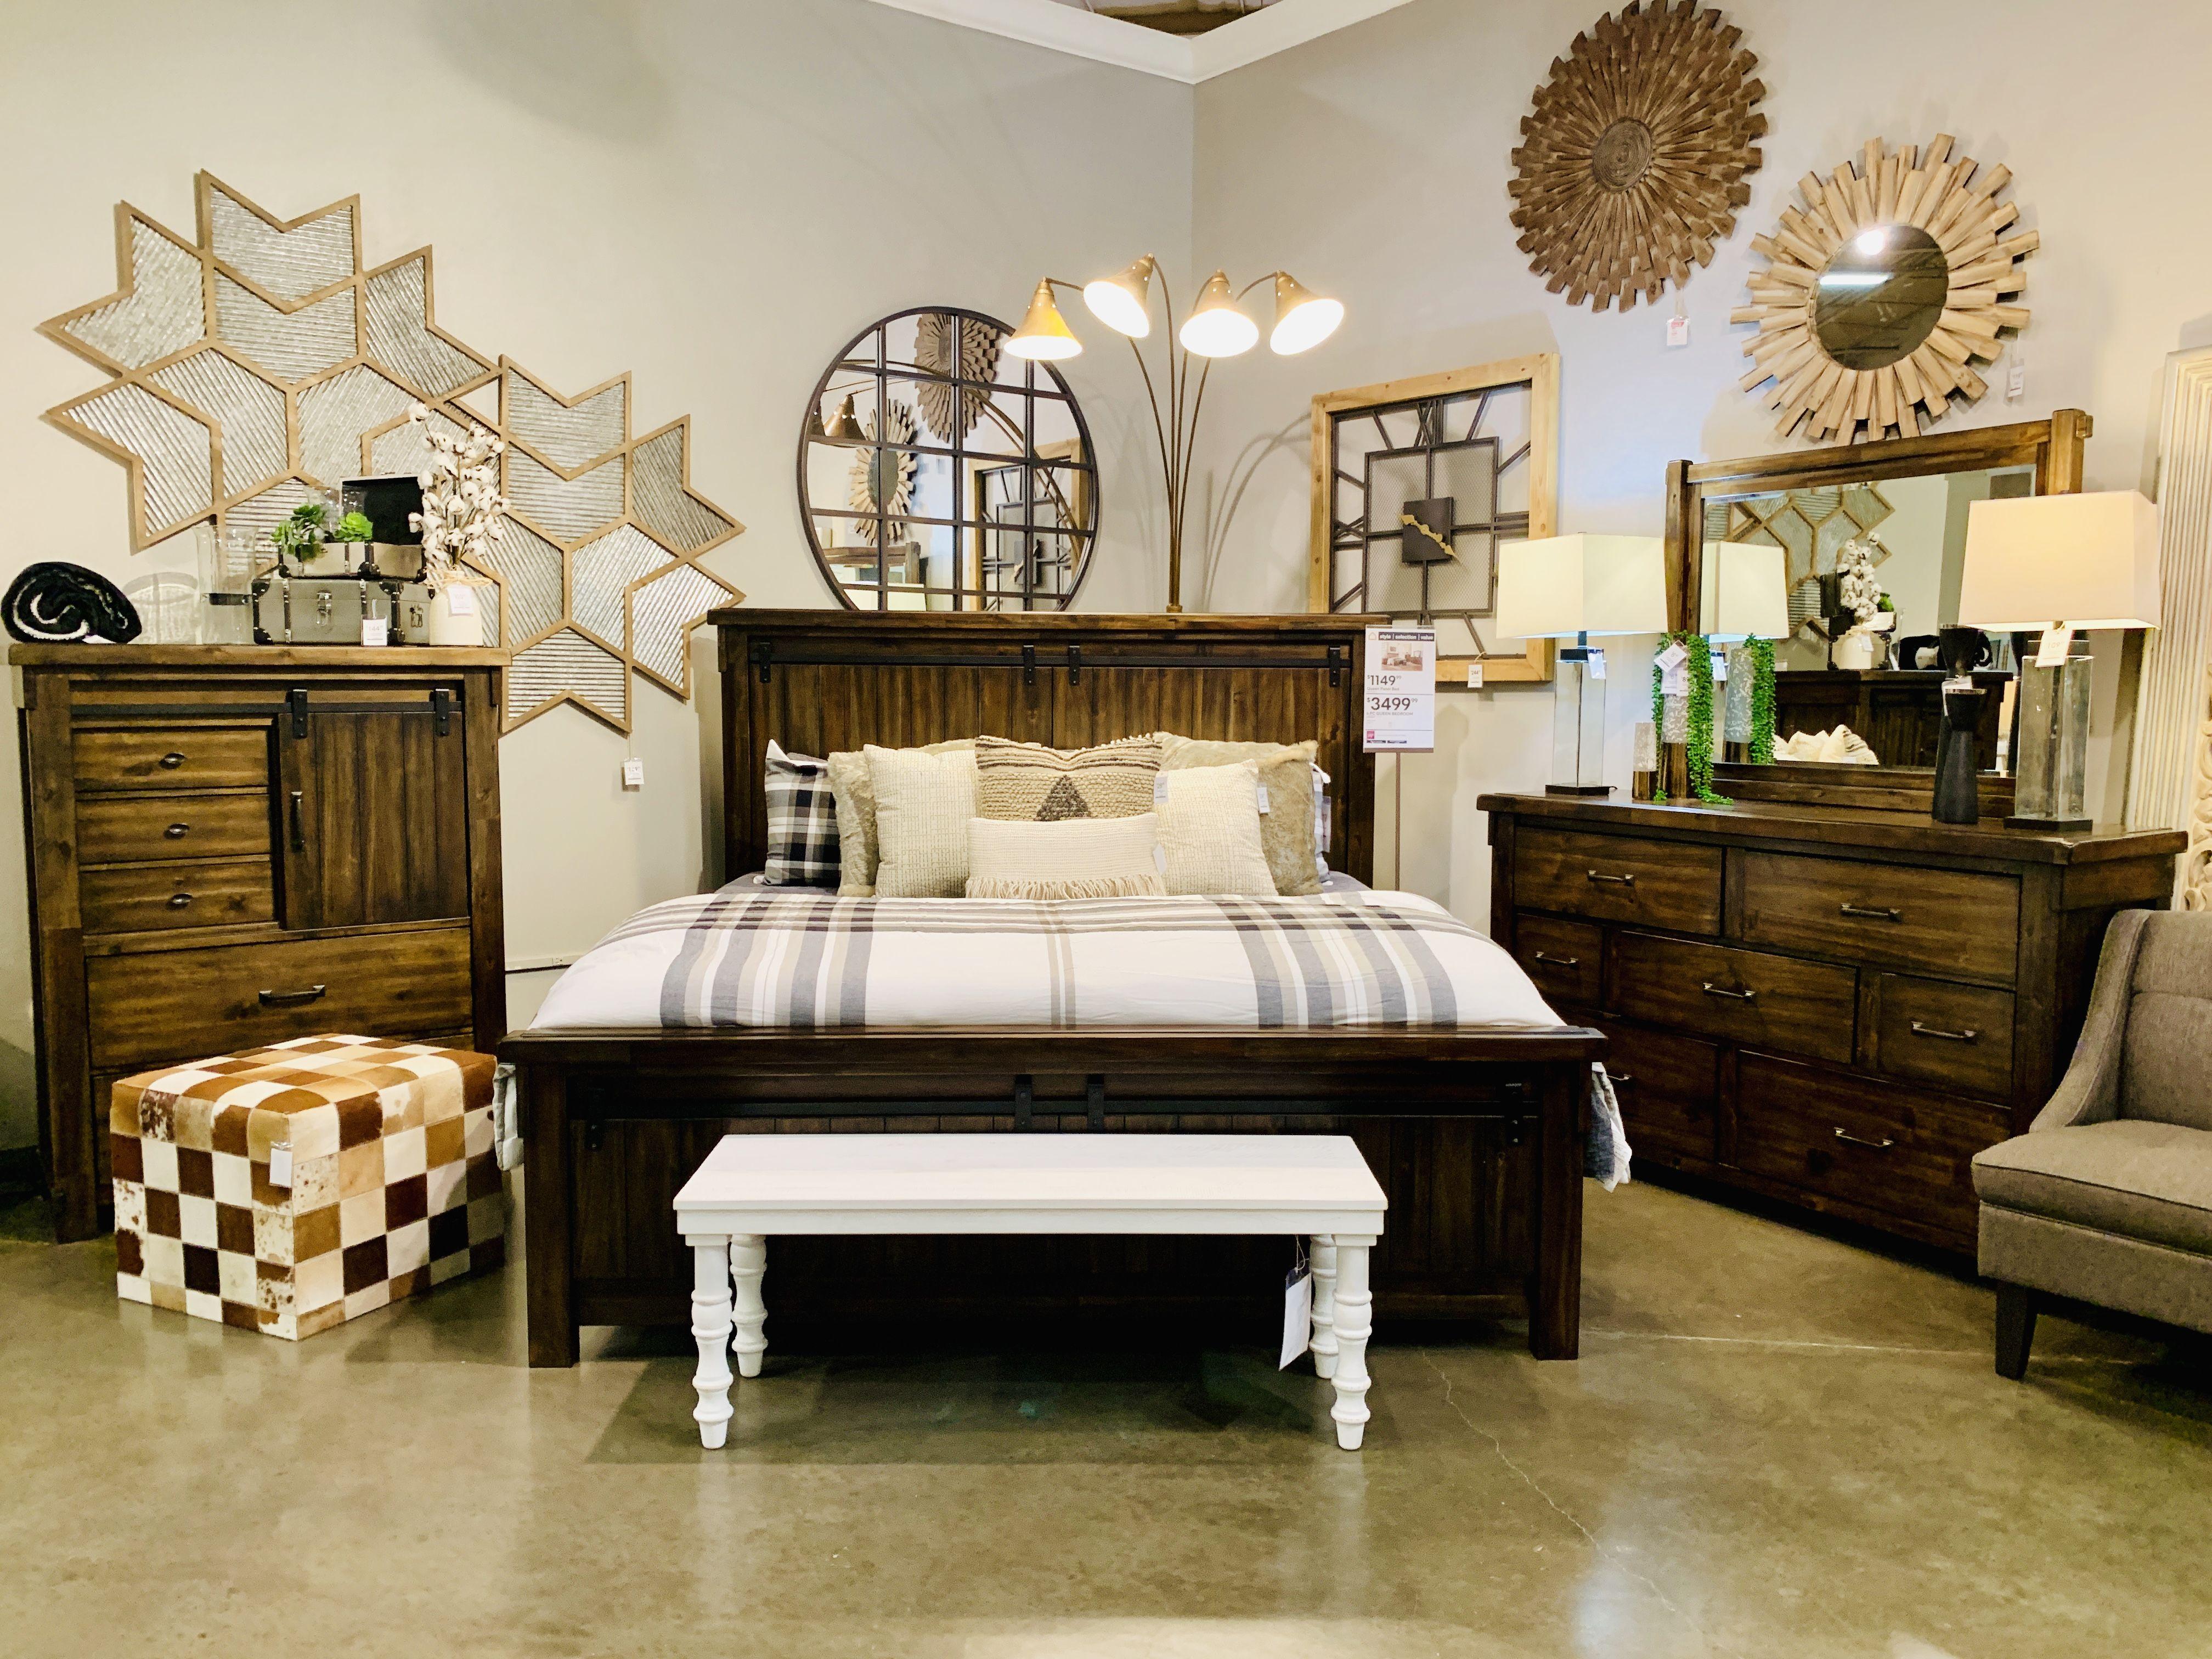 Brashland Panel Bed Queen panel beds, High headboard